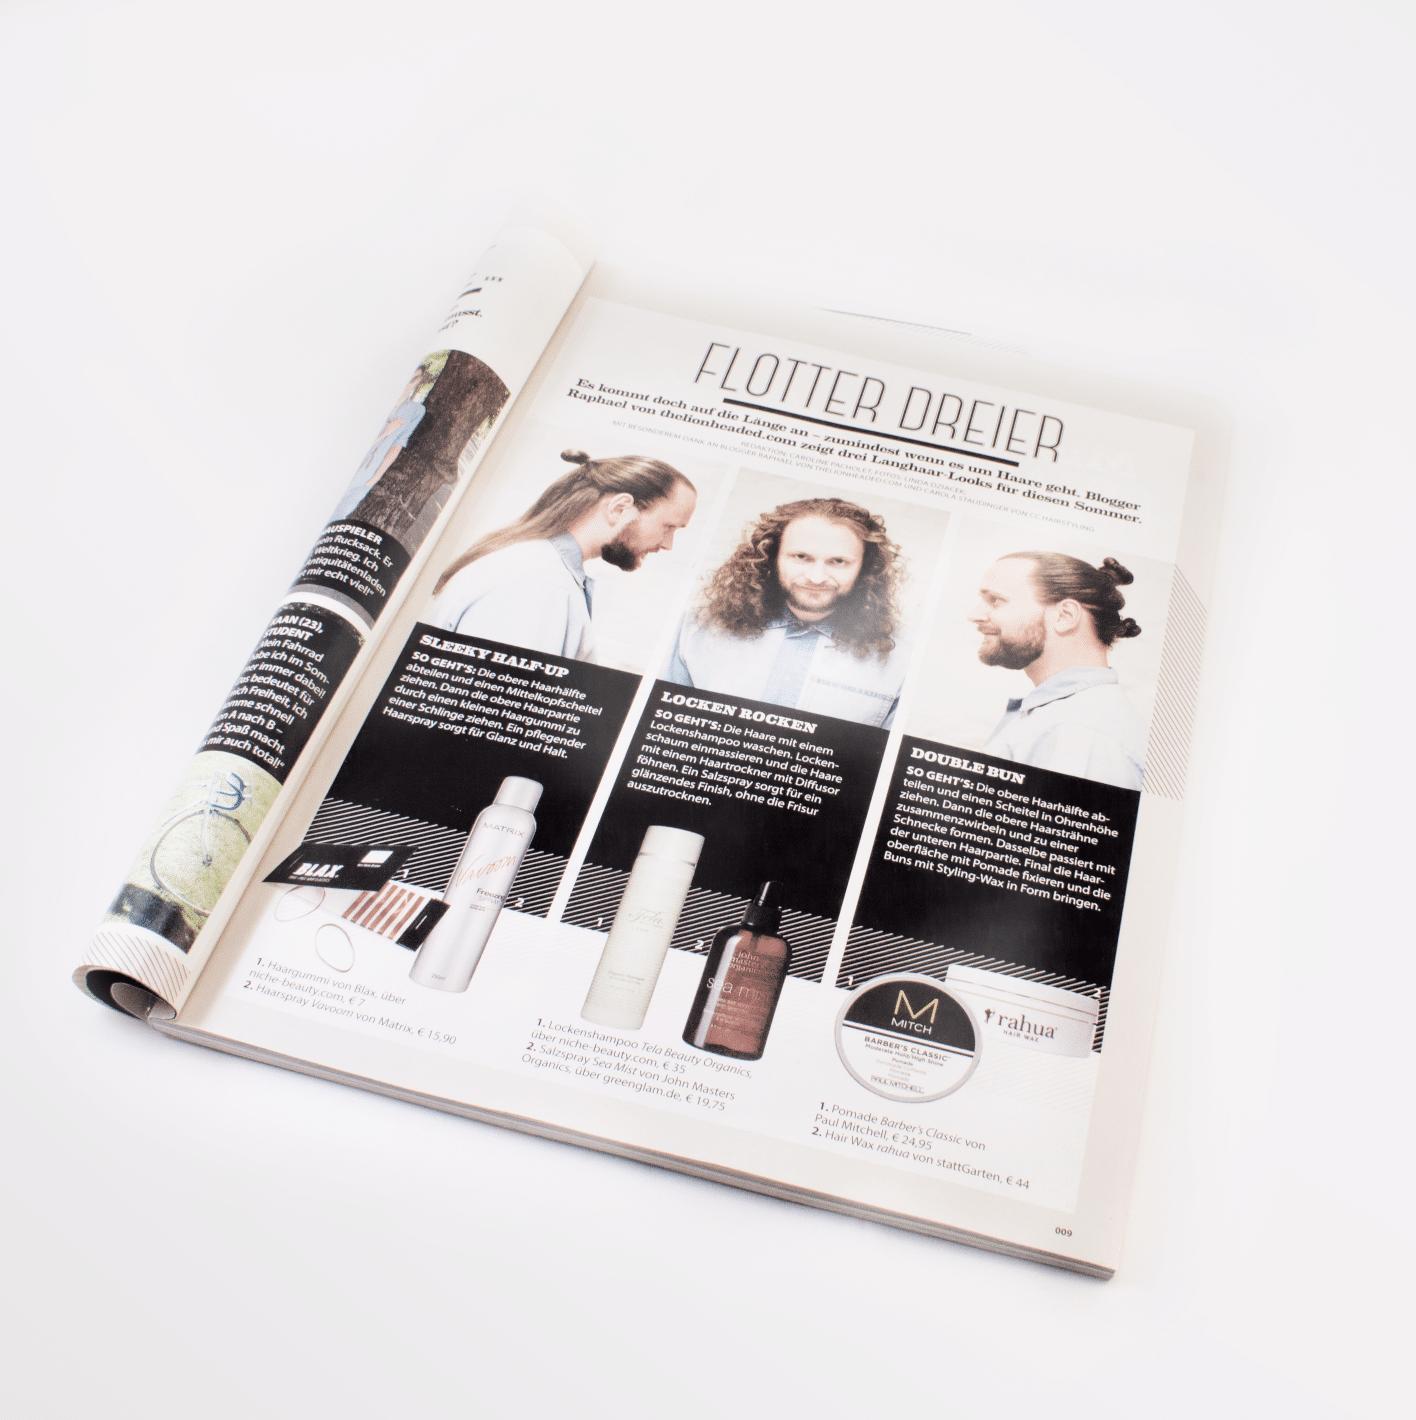 Carola Claudia Staudinger Hair Salon & Spa Blogger Raphael stelltgemeinsam mit Carola 3 Langhaar Looks für diesen Sommer vor.